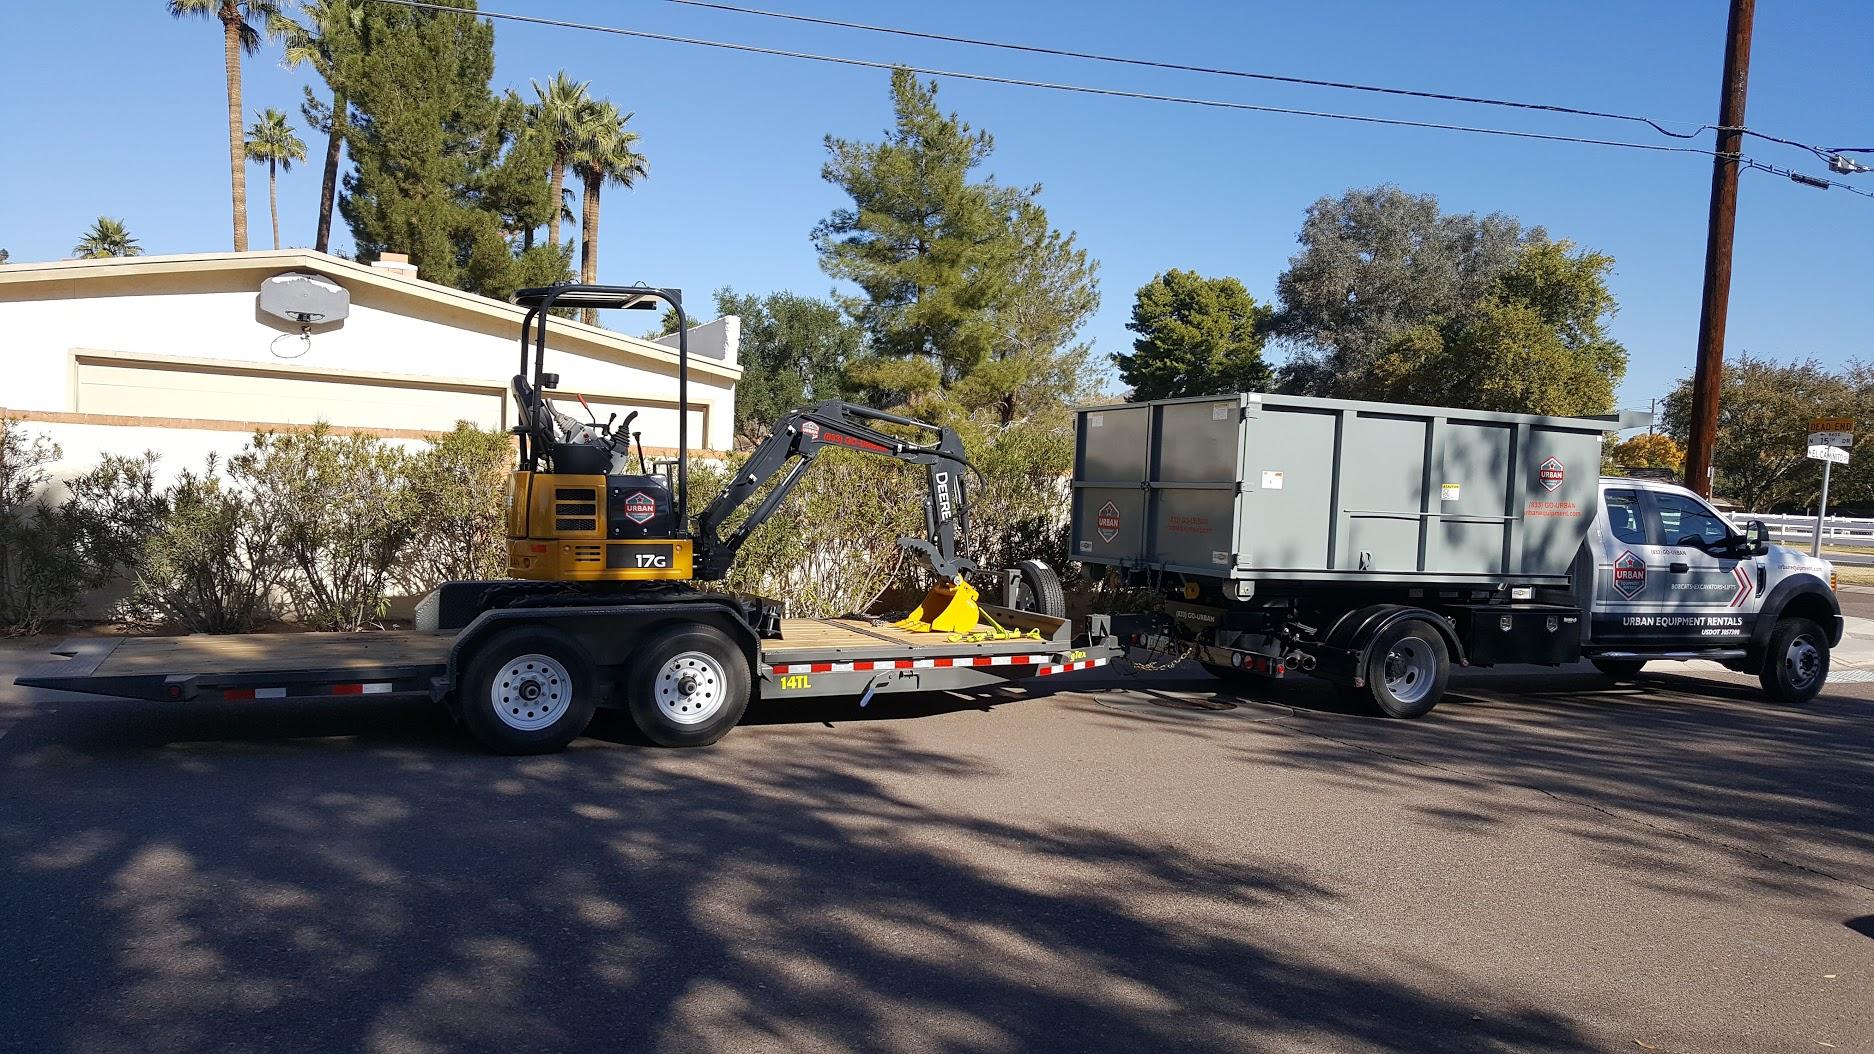 Urban Equipment Rentals Dump Truck with Excavator Rental